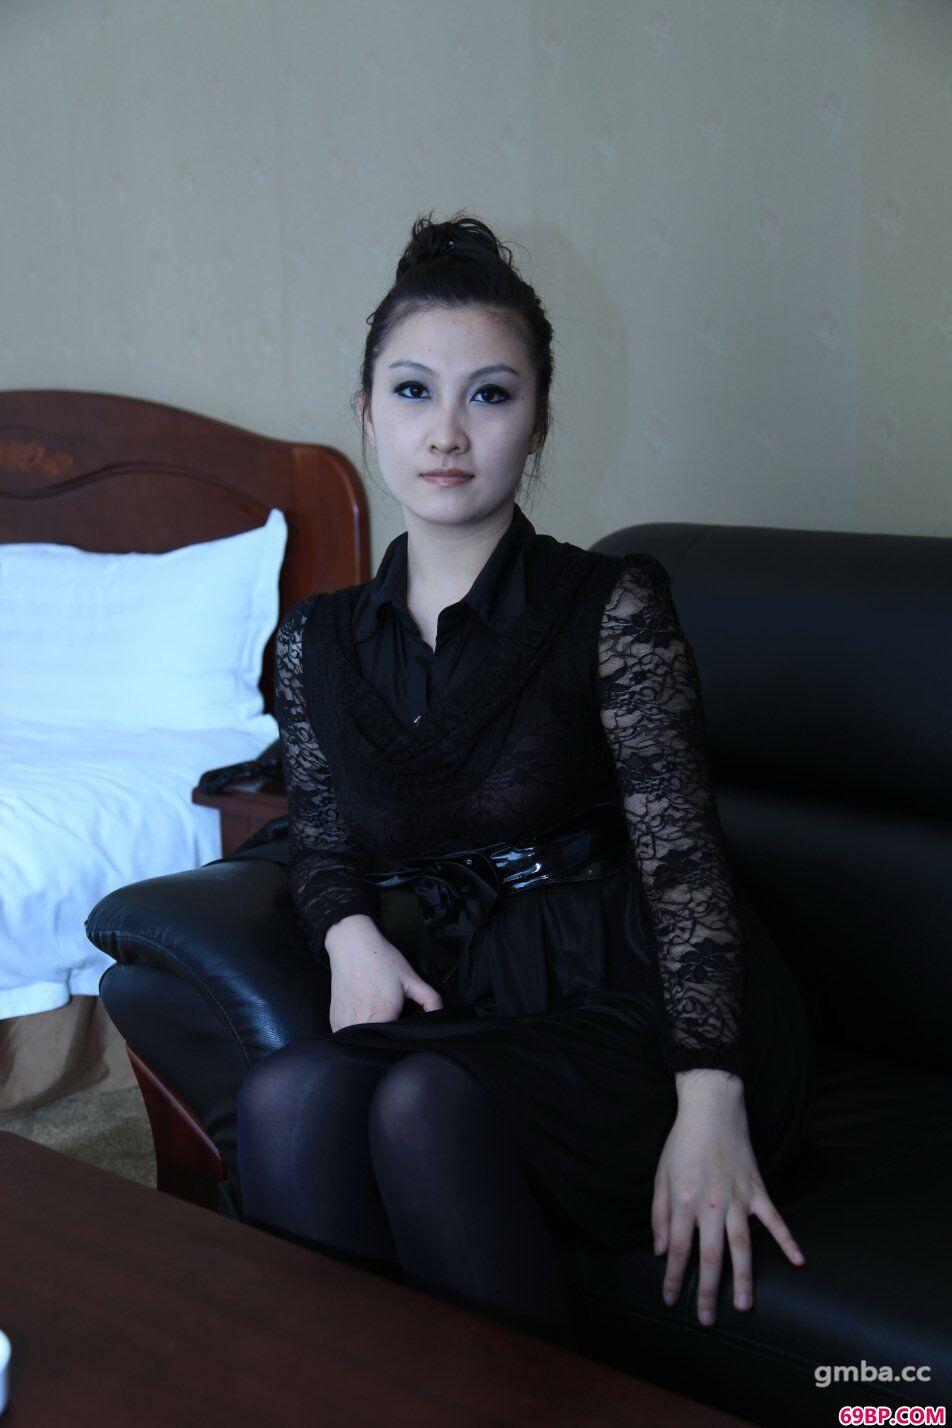 国模小菲私拍艺术照_国模小娜超大胆私拍专辑(5) - 956人体艺术网